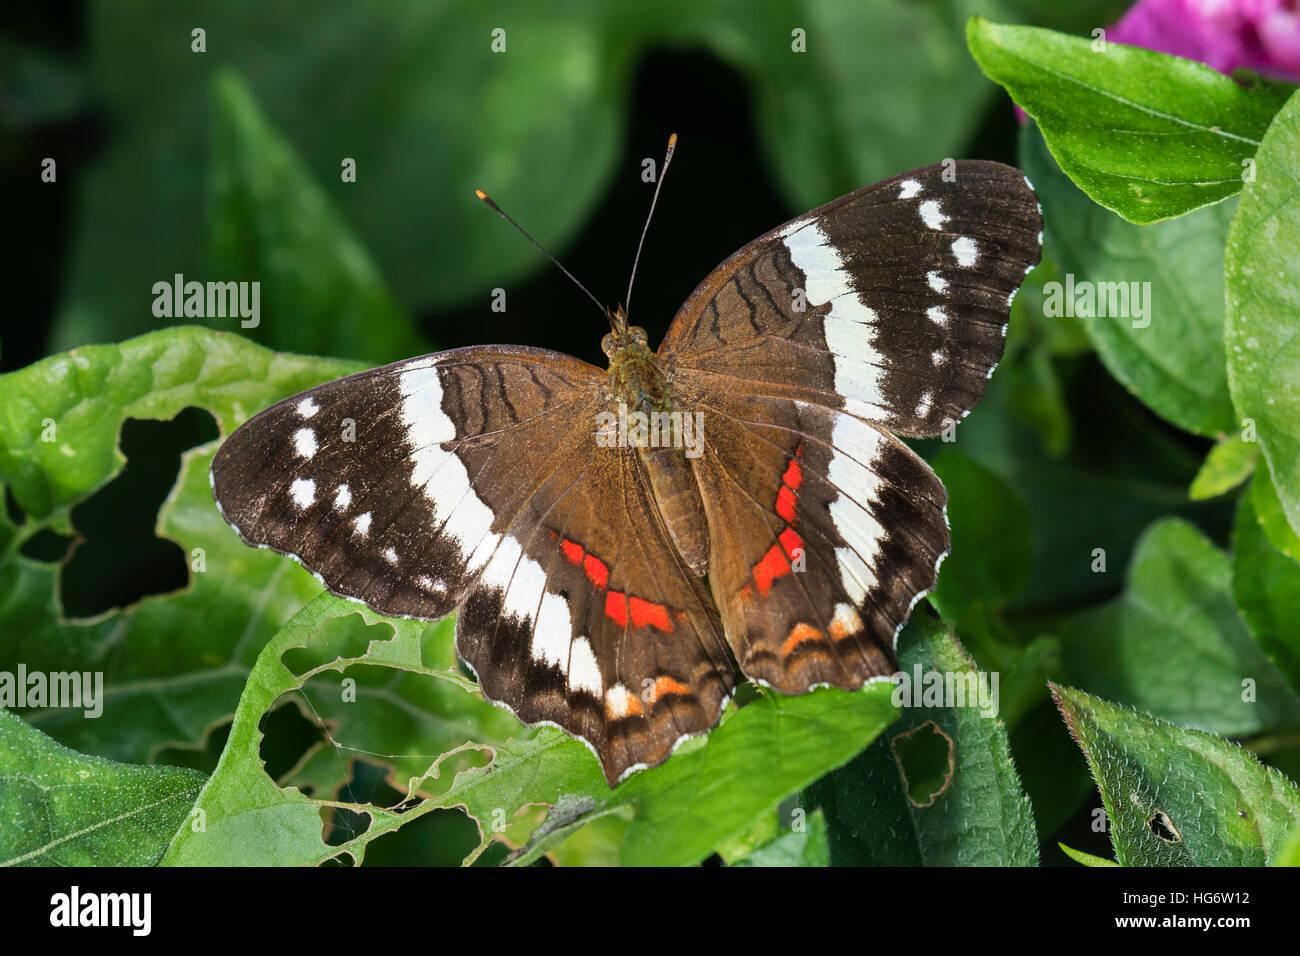 Nastrare pavone o di Fatima butterfly (Anartia Fatima), Belize, America Centrale Immagini Stock